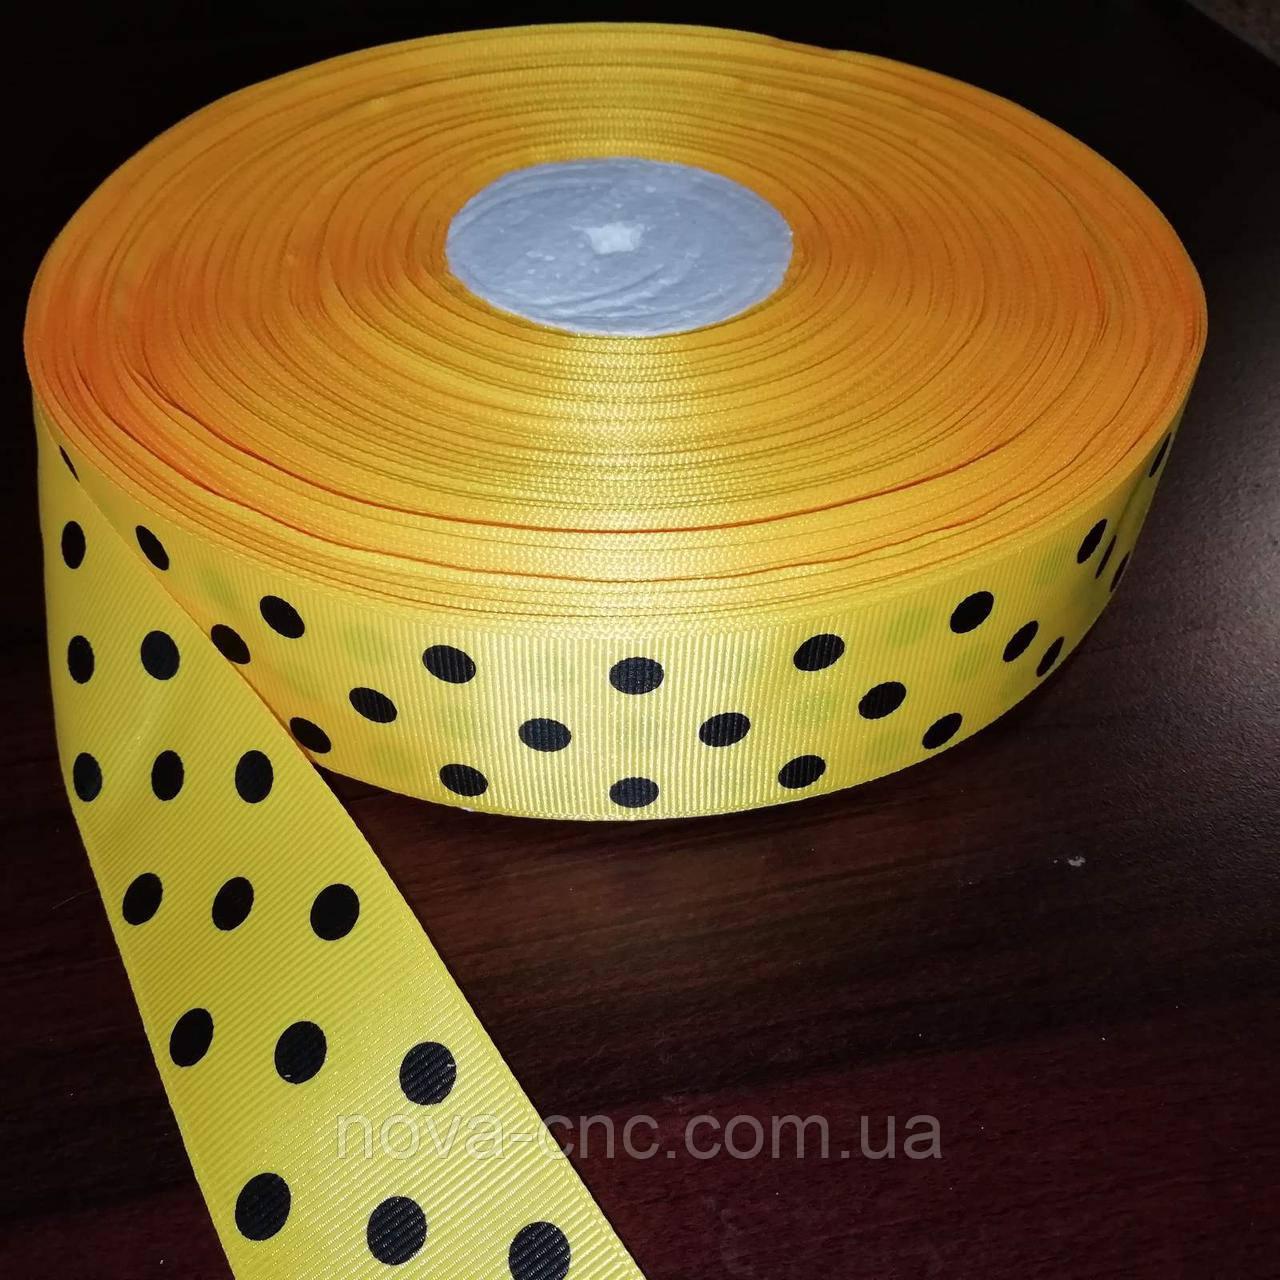 Лента репсовая желтая в черный горох 40 мм +/-100 ярдов